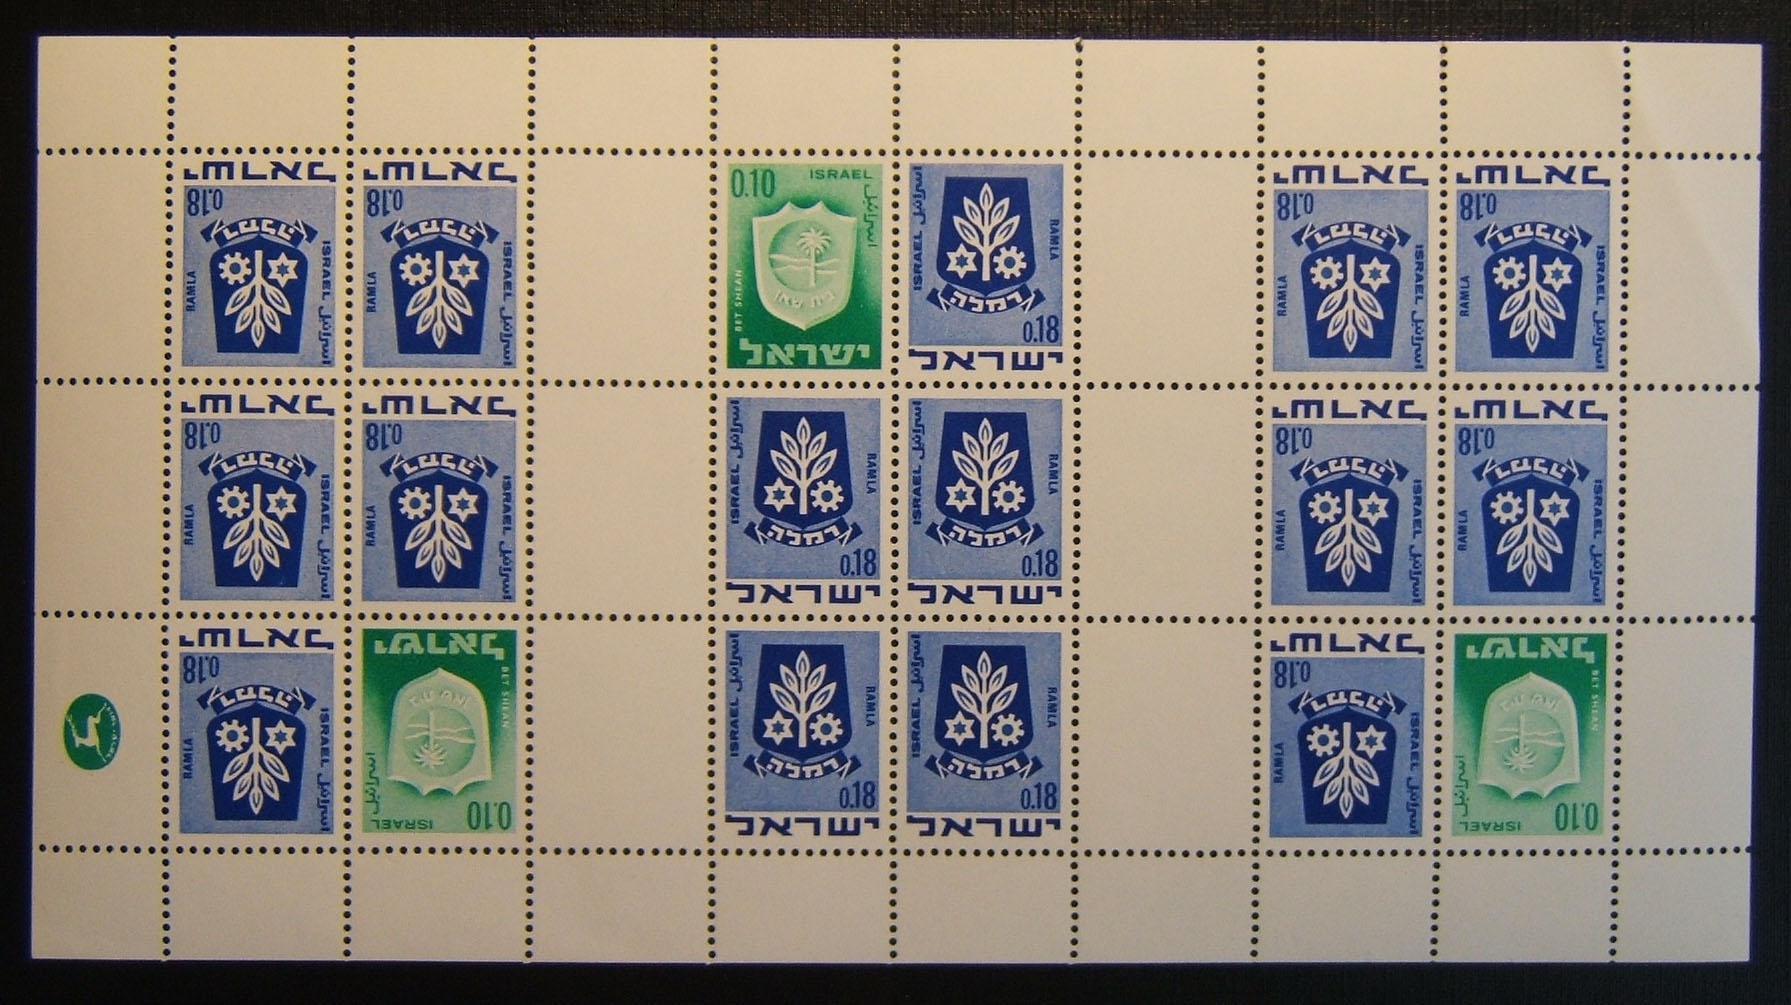 1973 Stadt Embleme 0,10£+0,18£ tete beche Blatt (Ba IrS.25), postfrisch